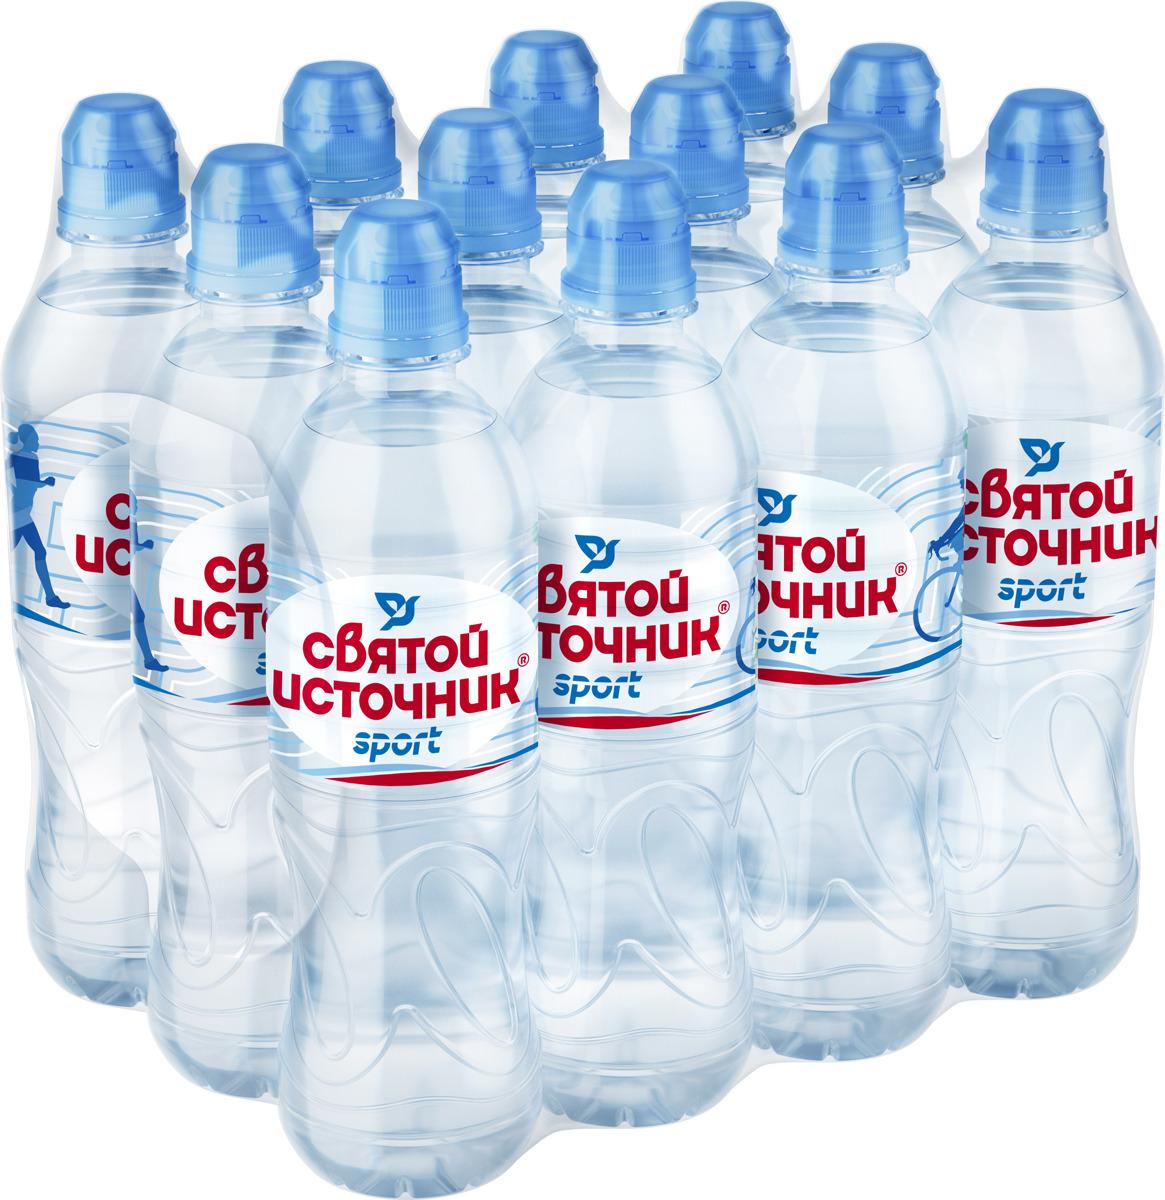 СвятойИсточник вода Спортприродная питьевая негазированная, 12 шт по 0,5 л